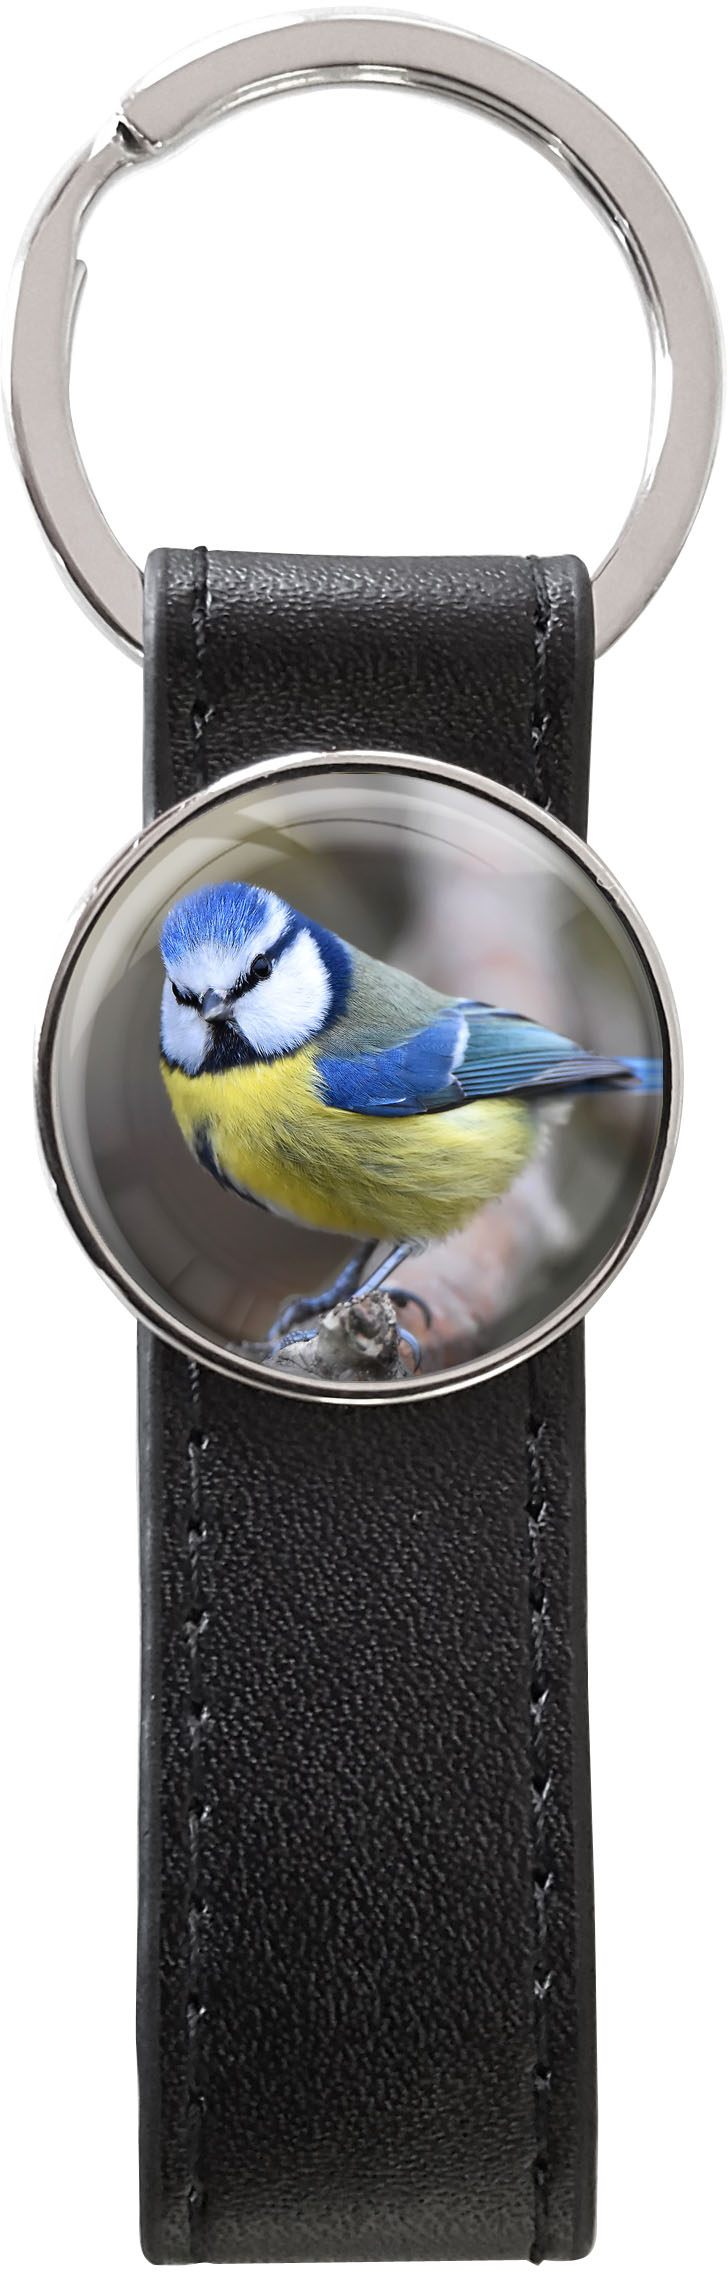 Schlüsselanhänger PU - Leder / Meise / Vögel